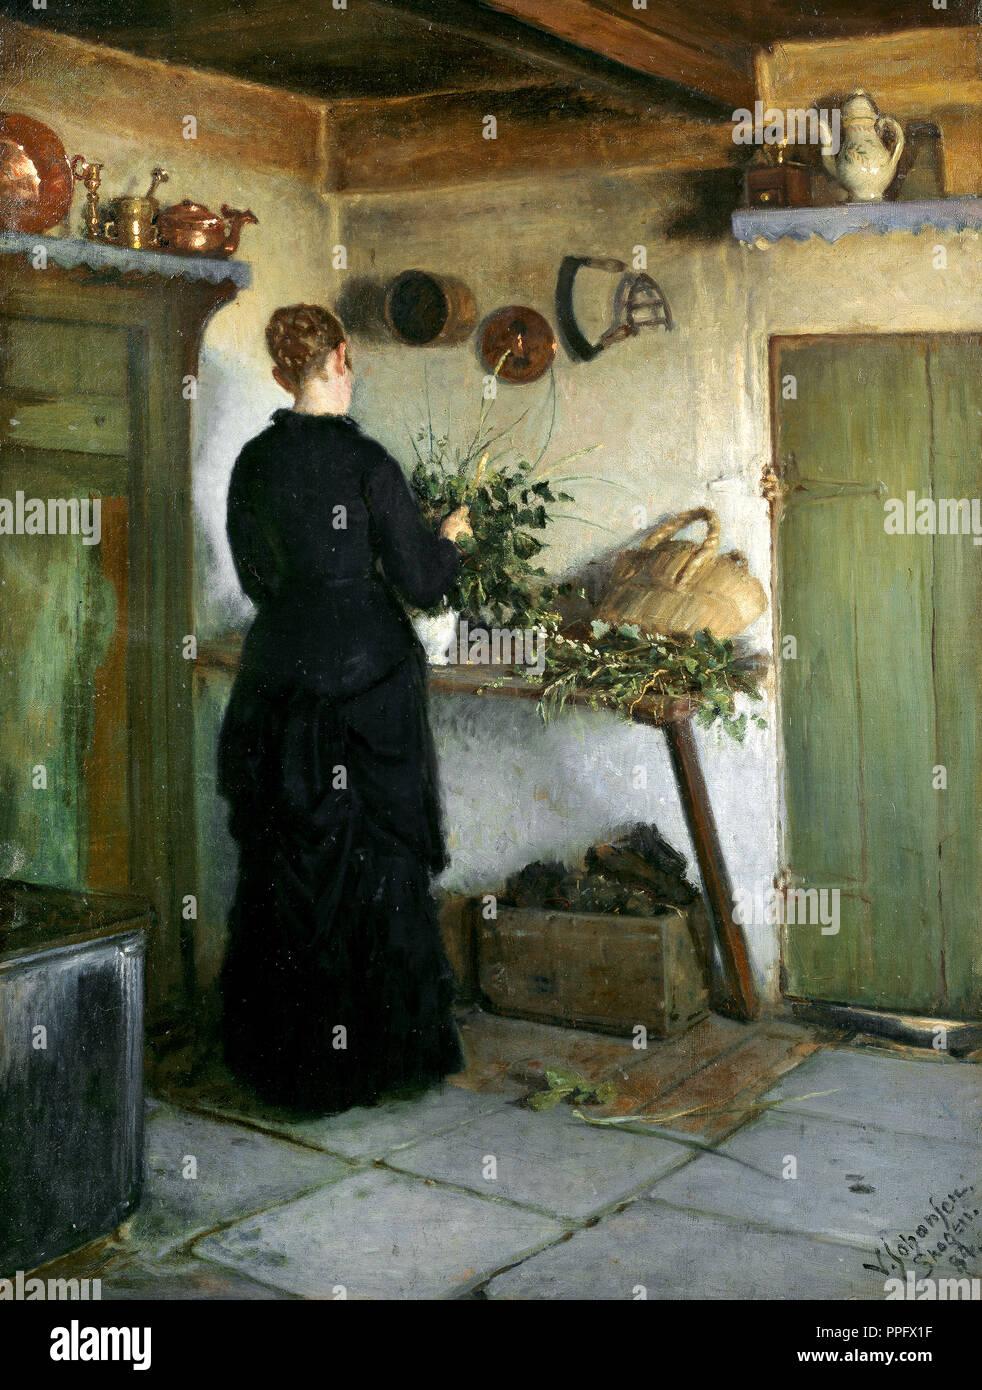 Viggo Johansen - Cocina Interior. Esposa del artista arreglar las flores. 1884 Óleo sobre lienzo. Museo Skagens, Skagen, Dinamarca. Imagen De Stock